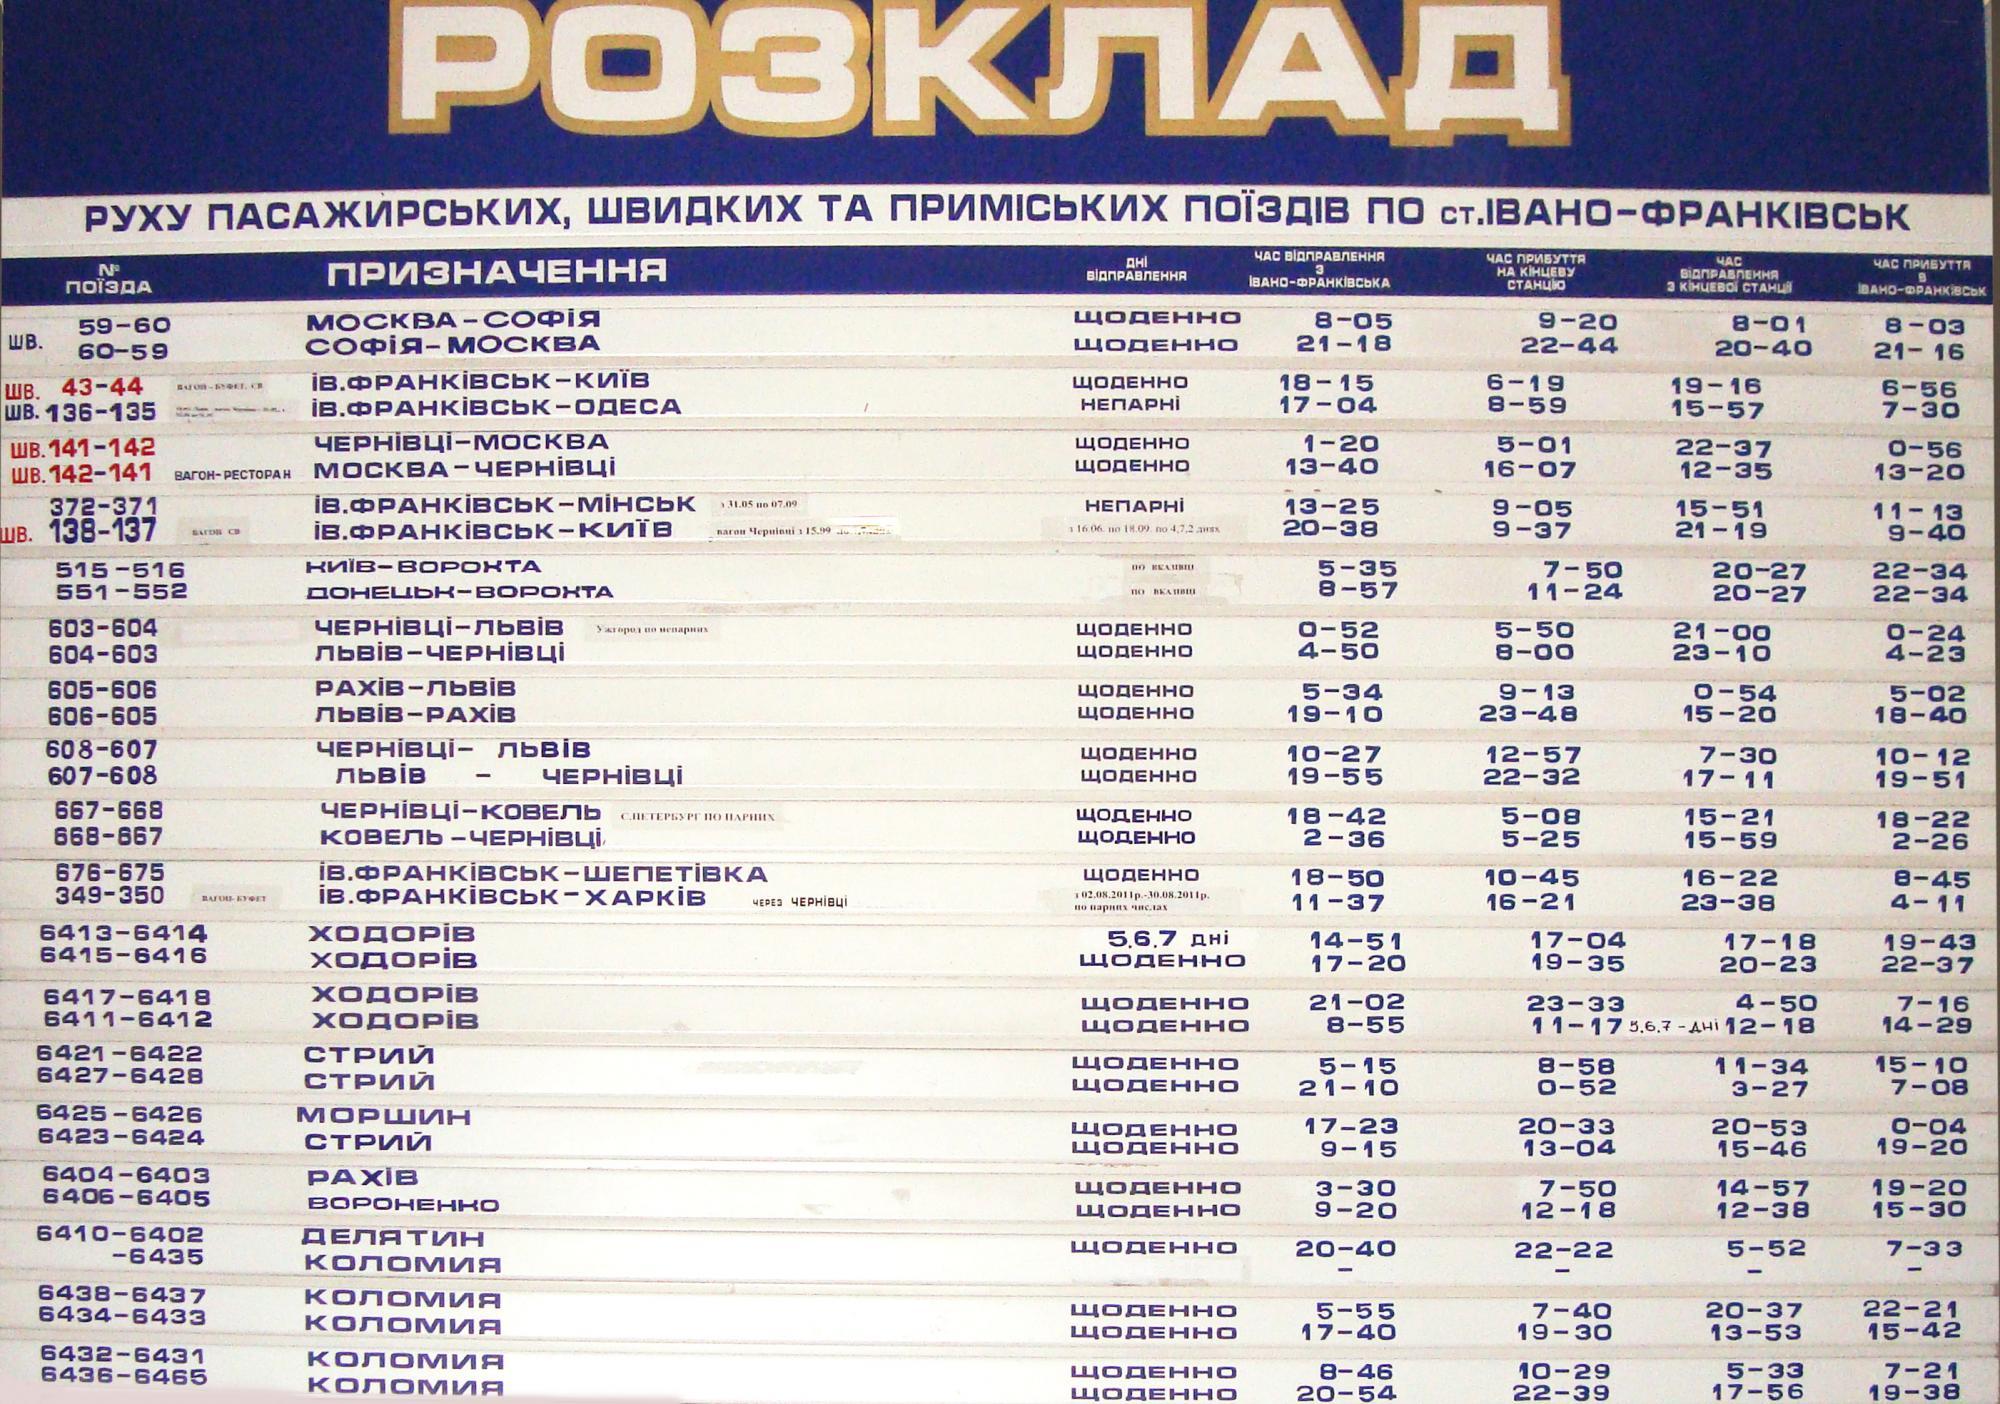 poizdy Iv fr Розклад руху пасажирських, швидких та приміських поїздів по ст. Івано Франківськ